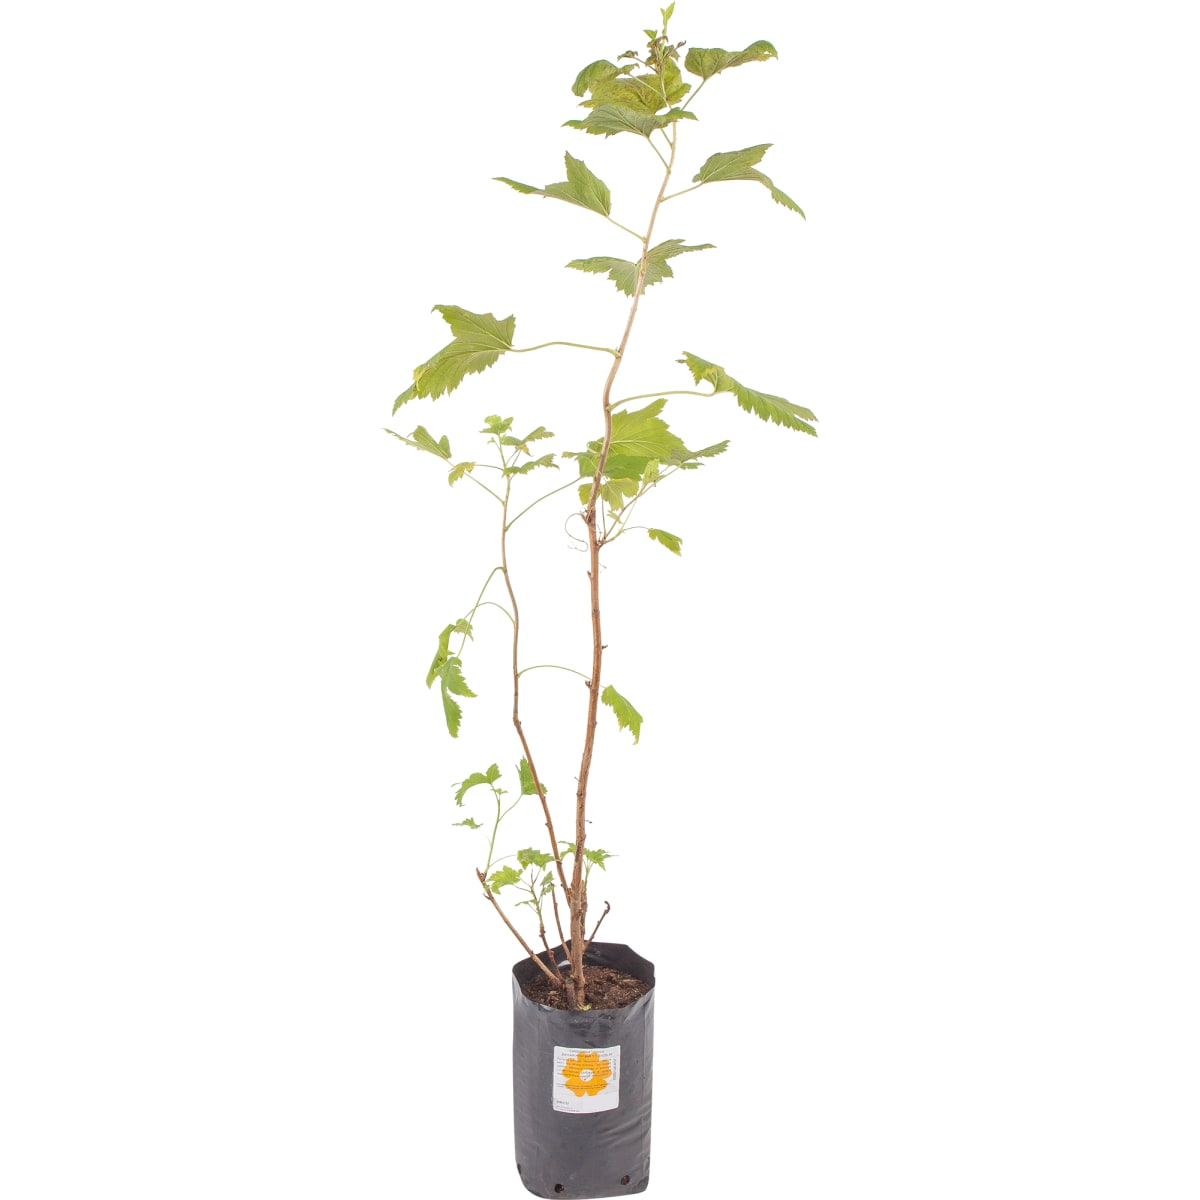 Смородина чёрная «Детскосельская» 1.5-2 л высота 20 см